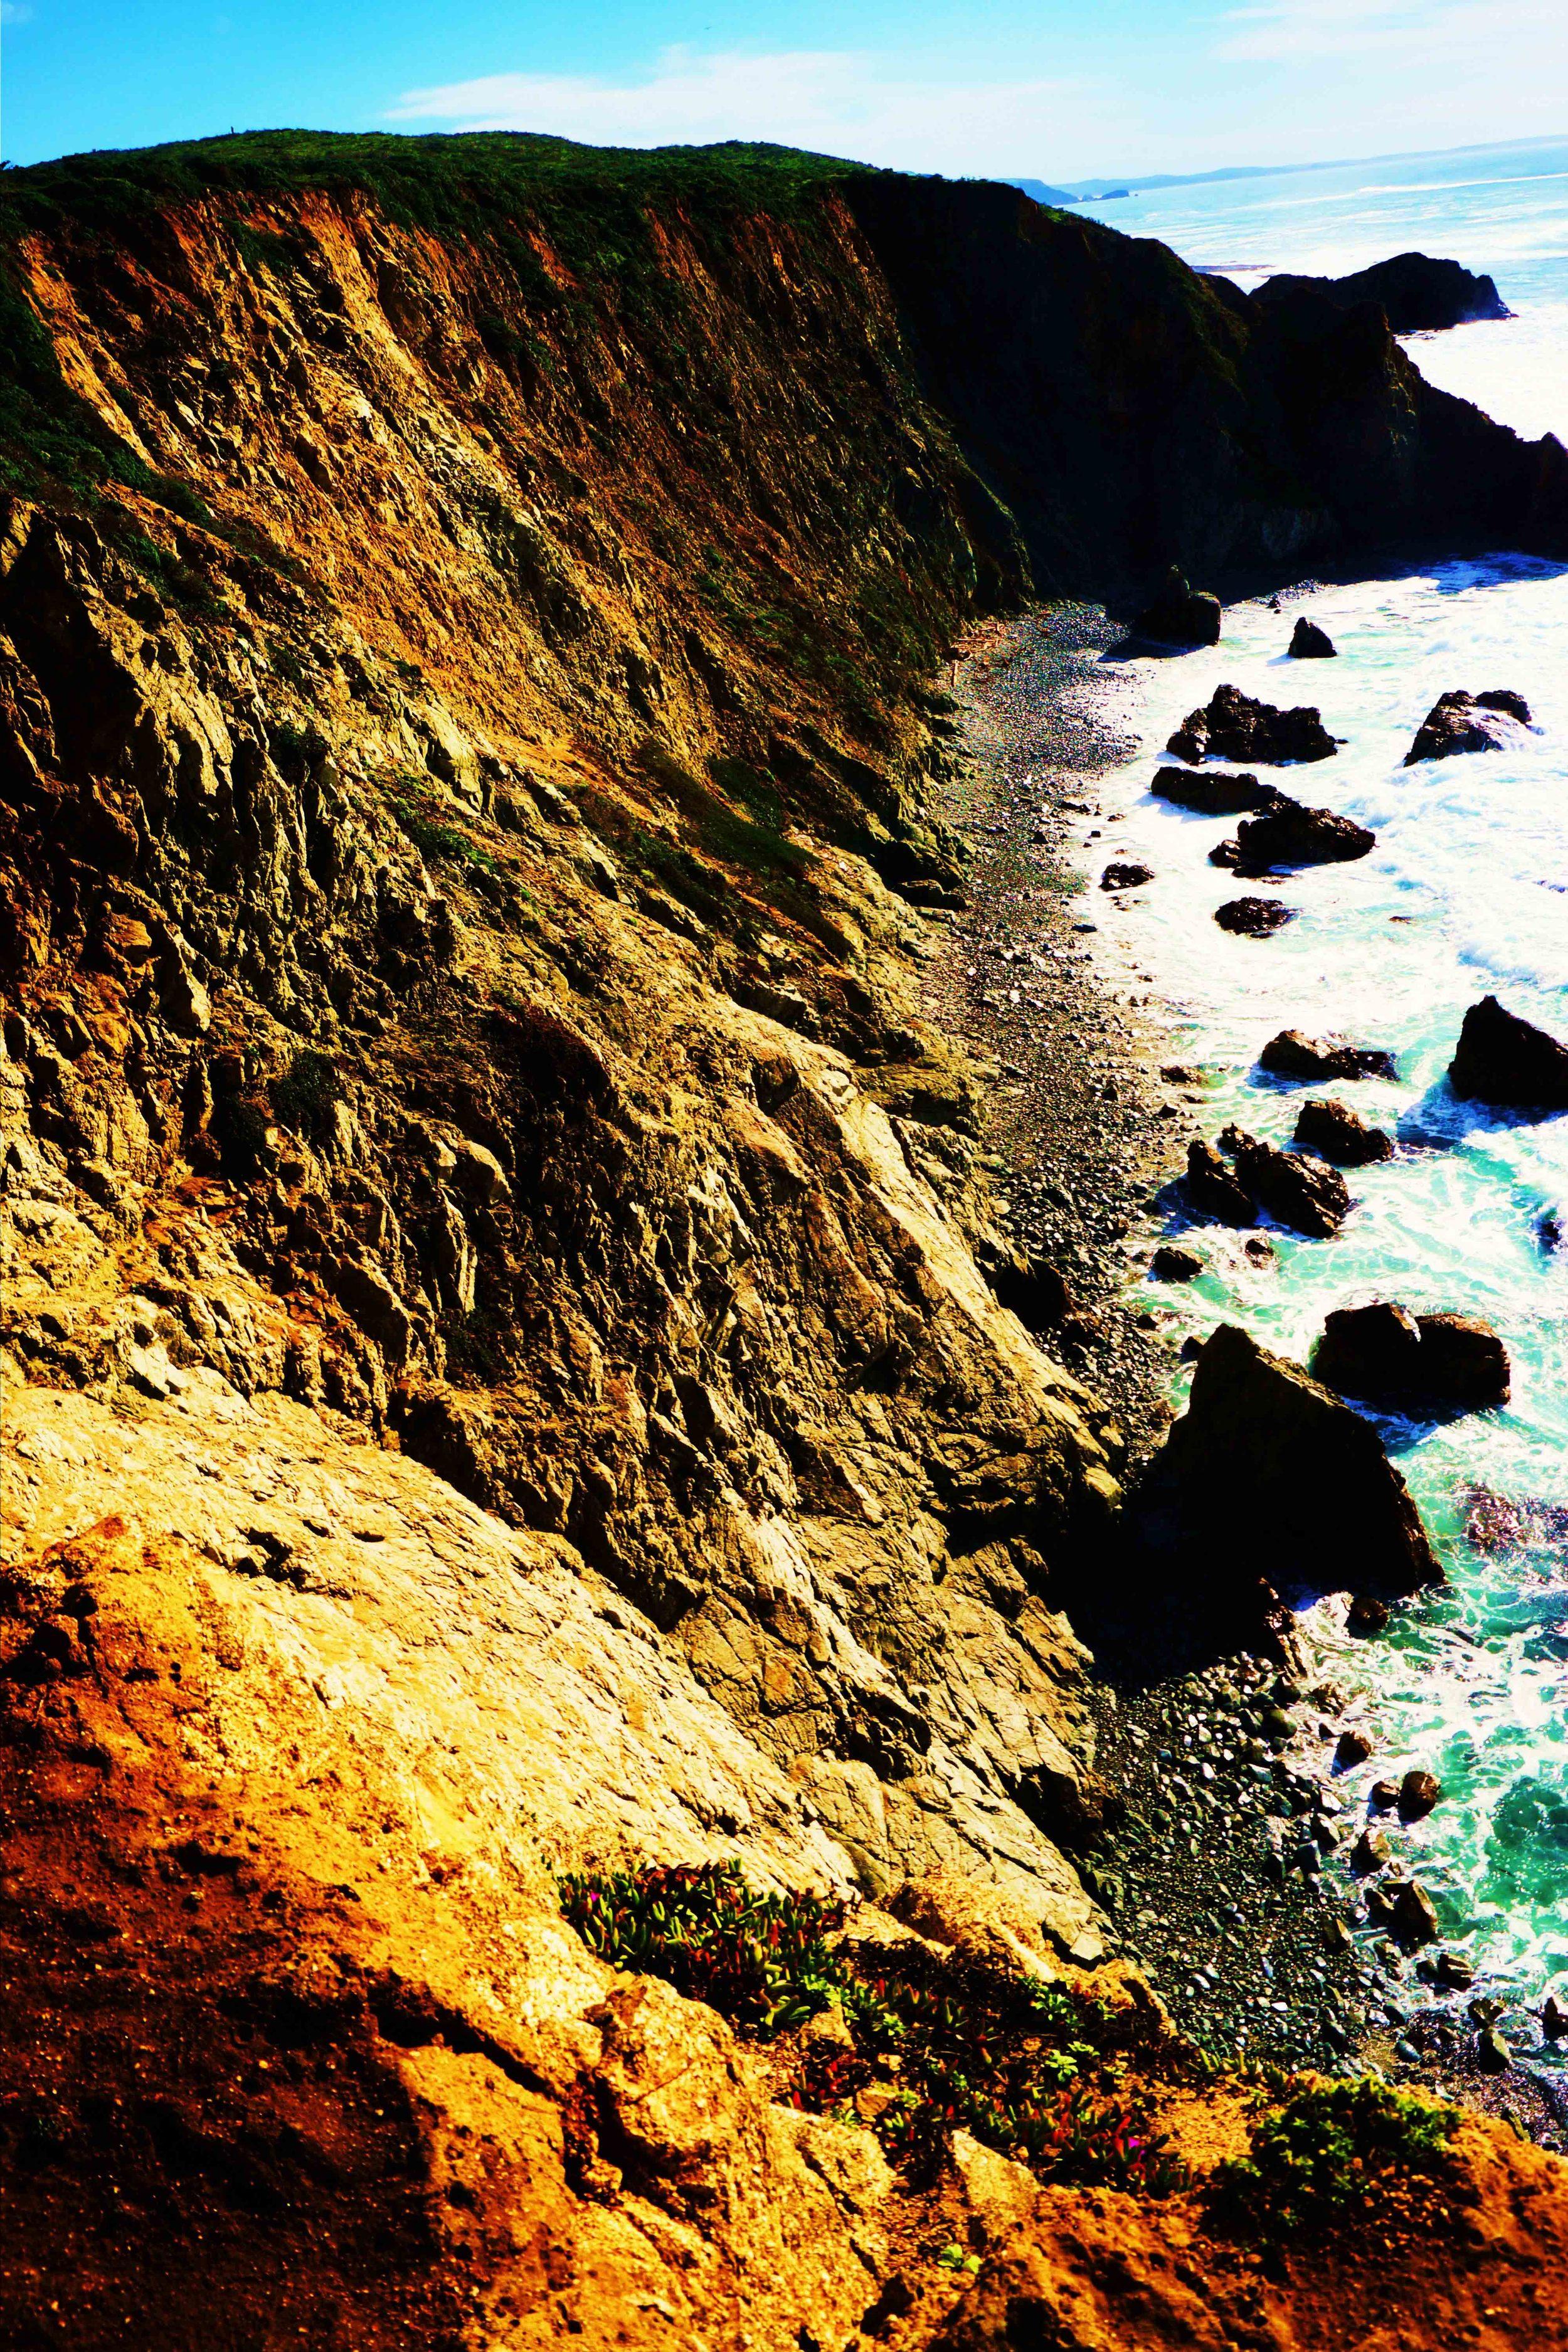 Point Reyes National Seashore, California, January 2013